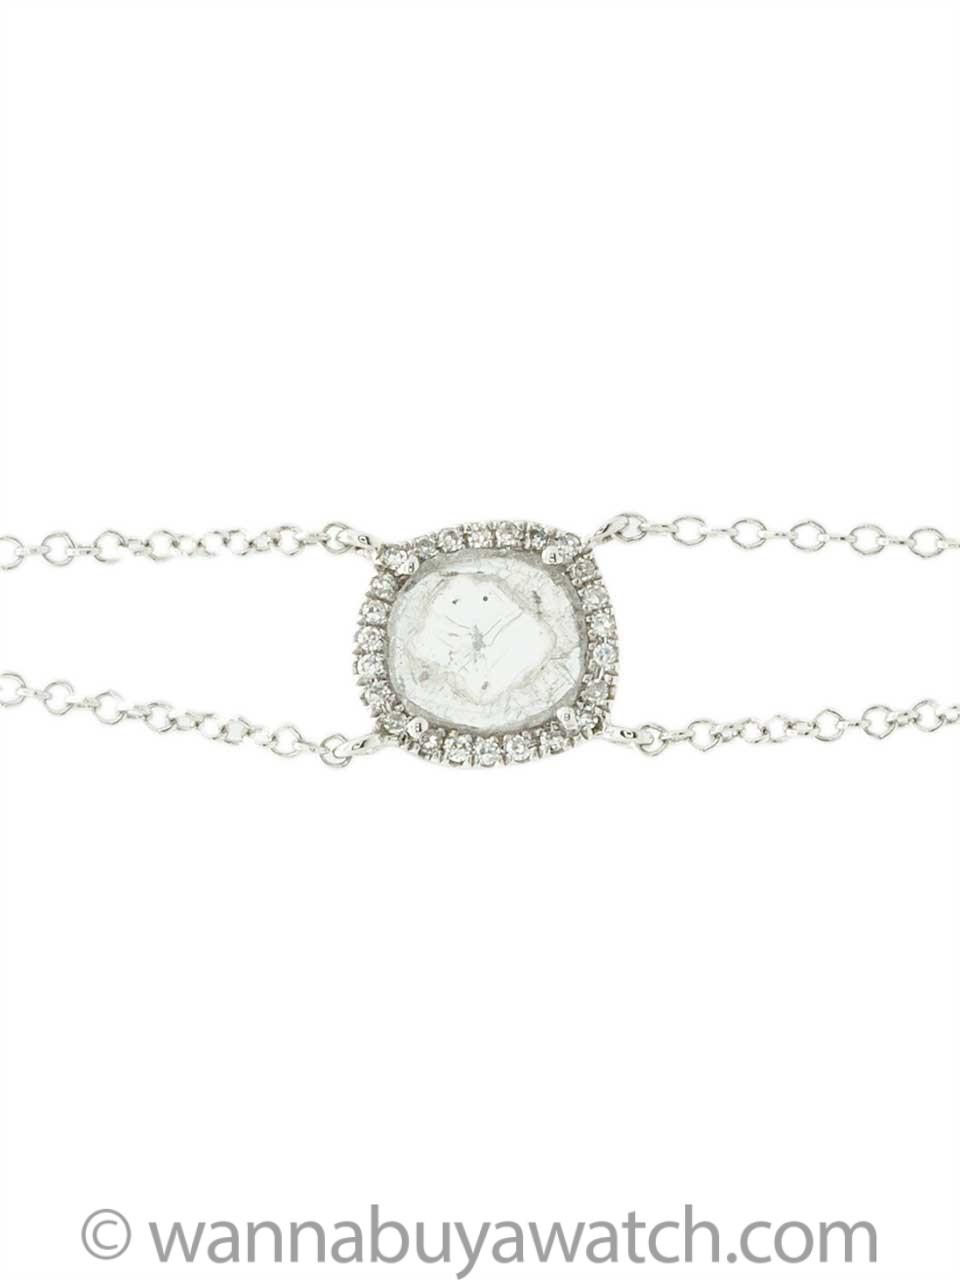 14K WG Diamond Slice Bracelet